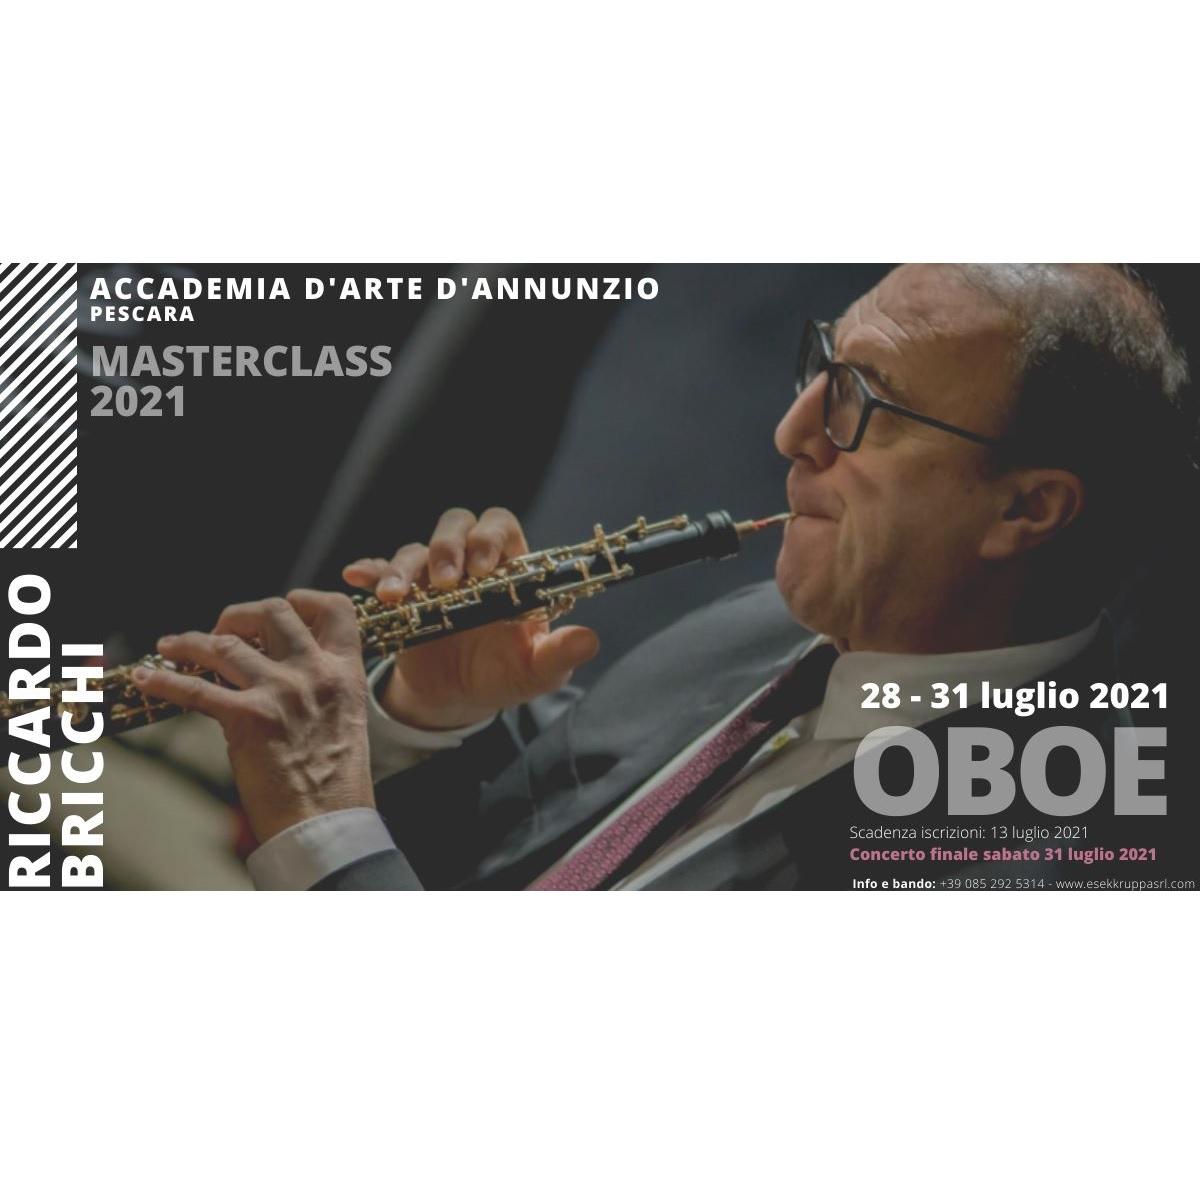 Masterclass di Oboe Riccardo Bricchi dal 28 al 31 luglio 2021 foto